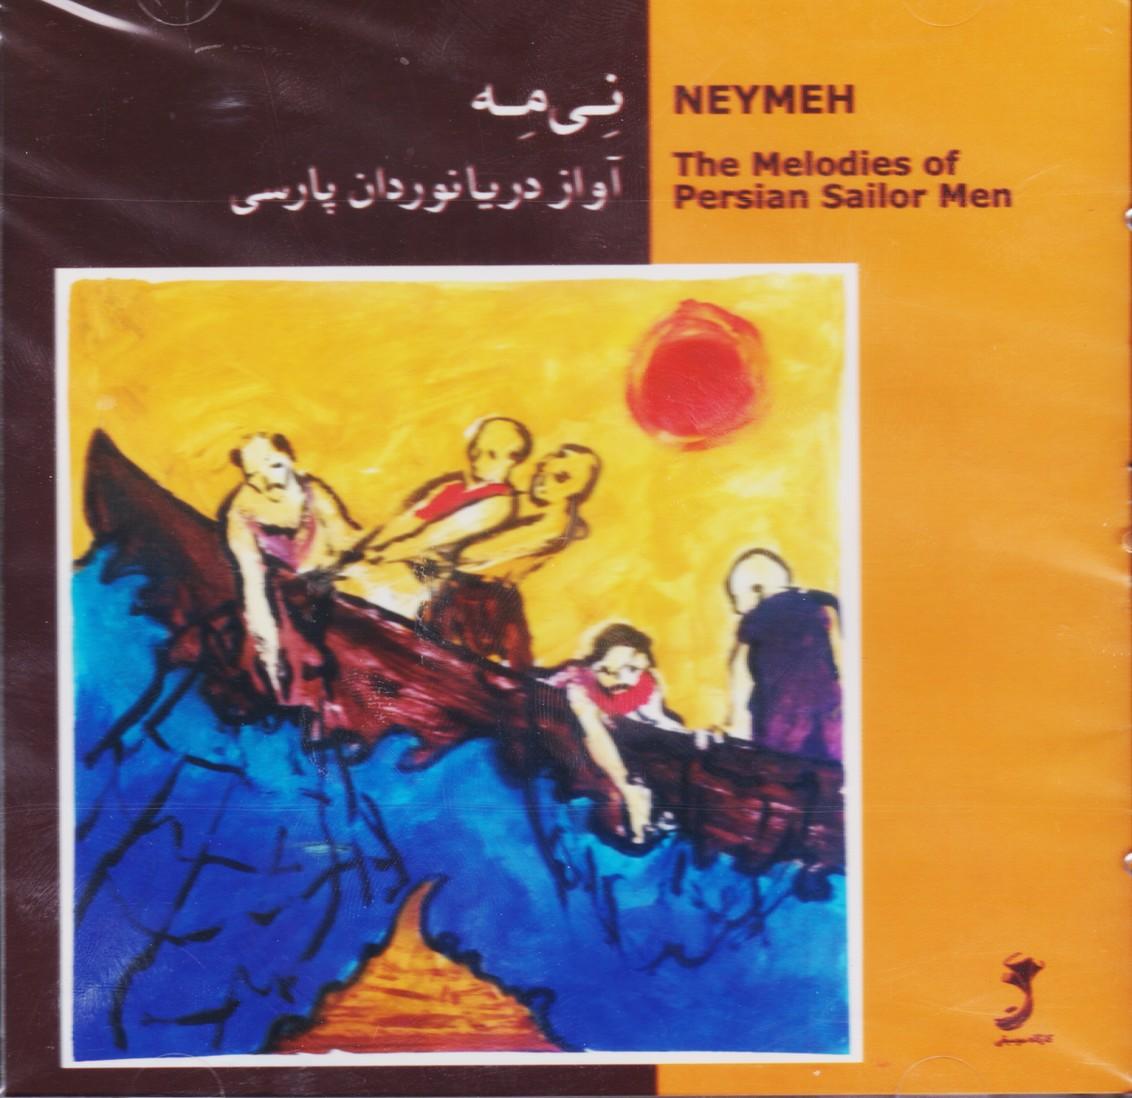 نی مه: آواز دریانوردان پارسی